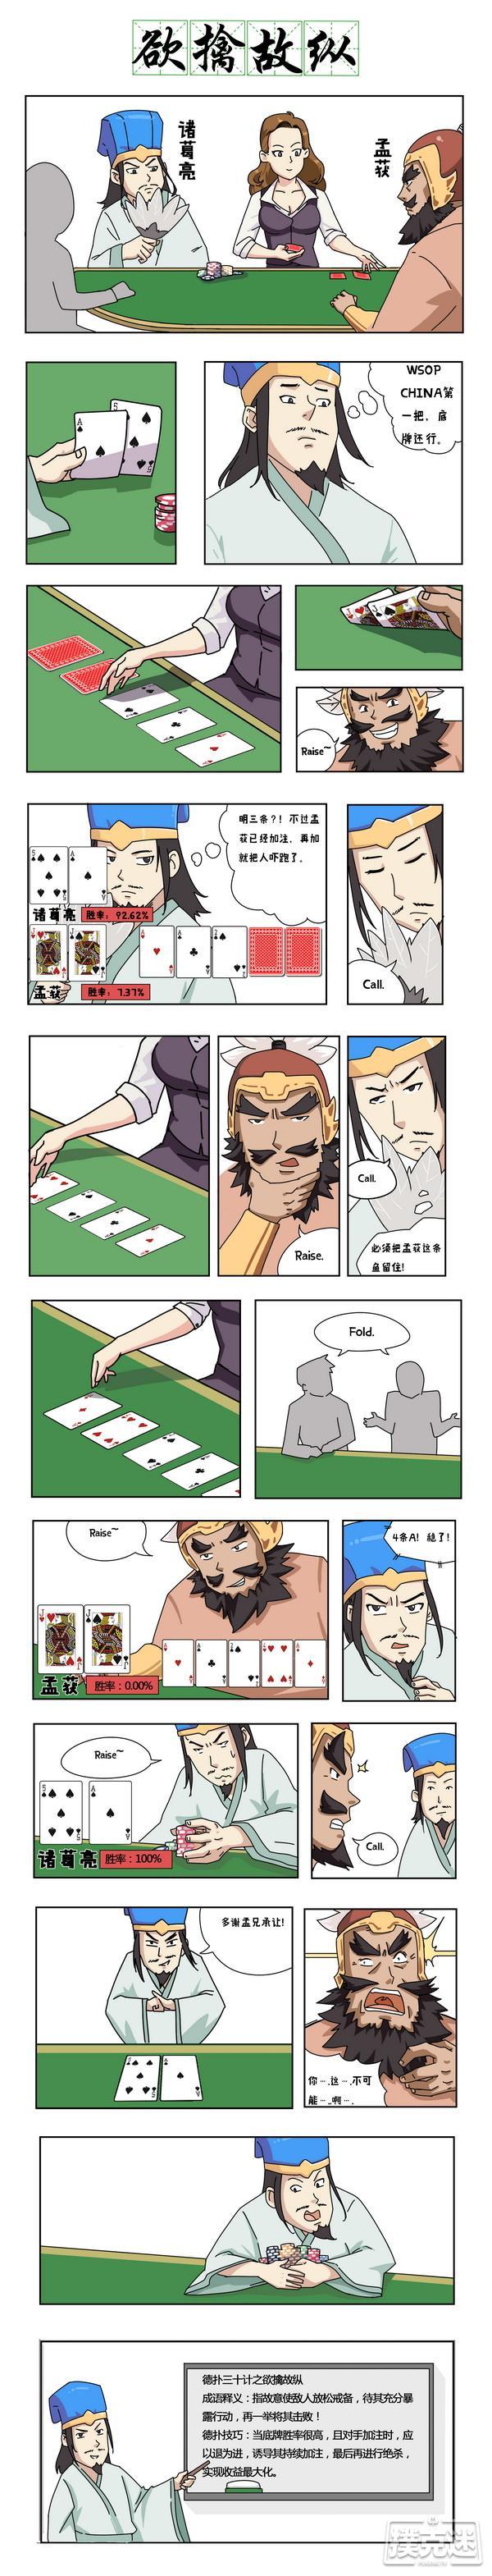 蜗牛扑克:WSOP CHINA教你三十六计,玩转三亚不是事儿